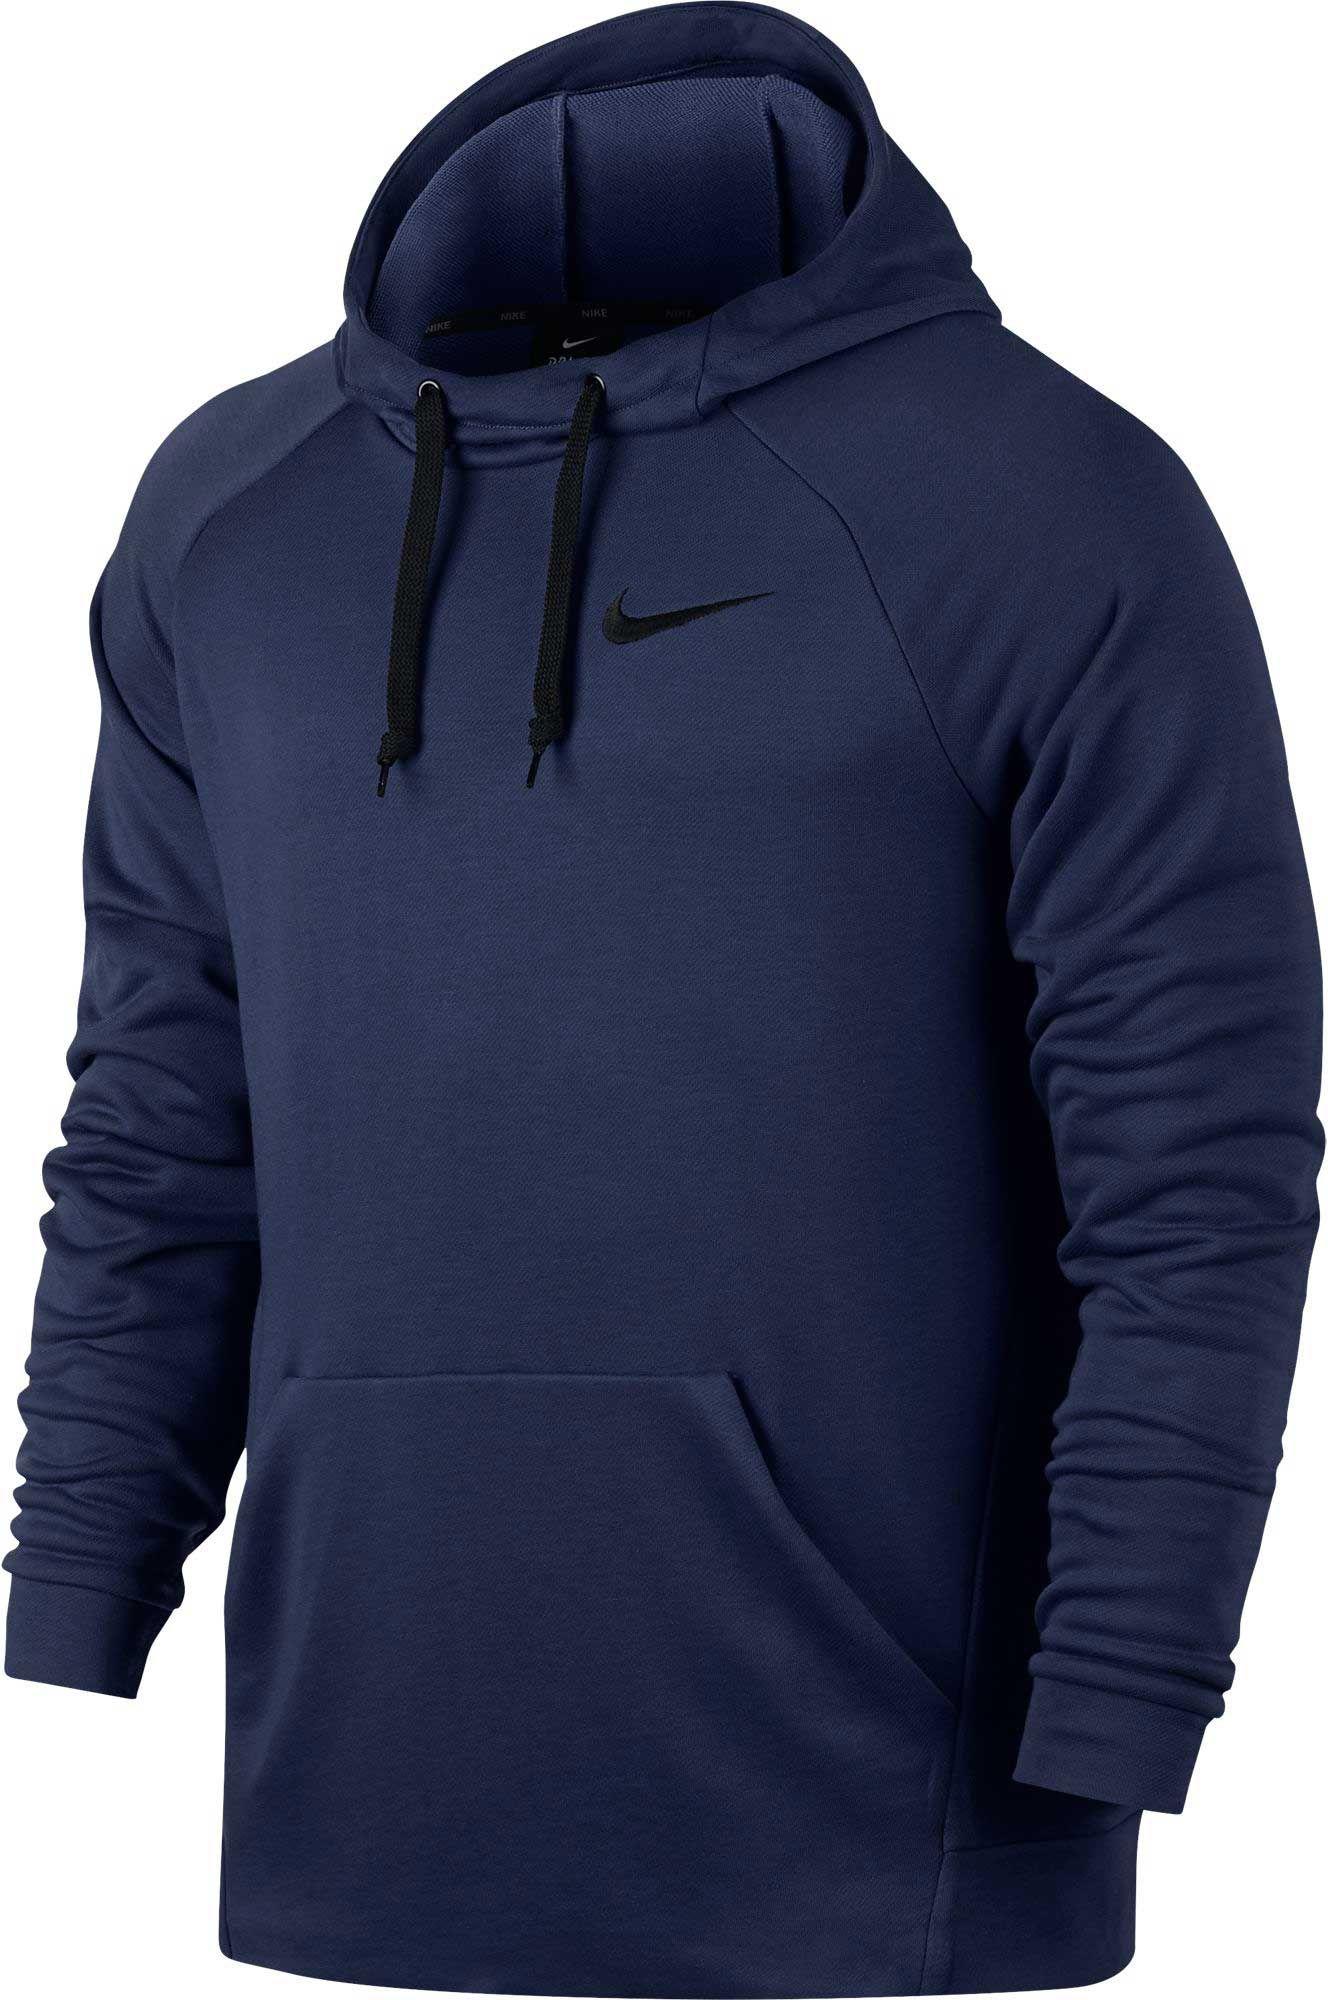 Achetez-en Un Sweat À Capuche Nike Gratuit